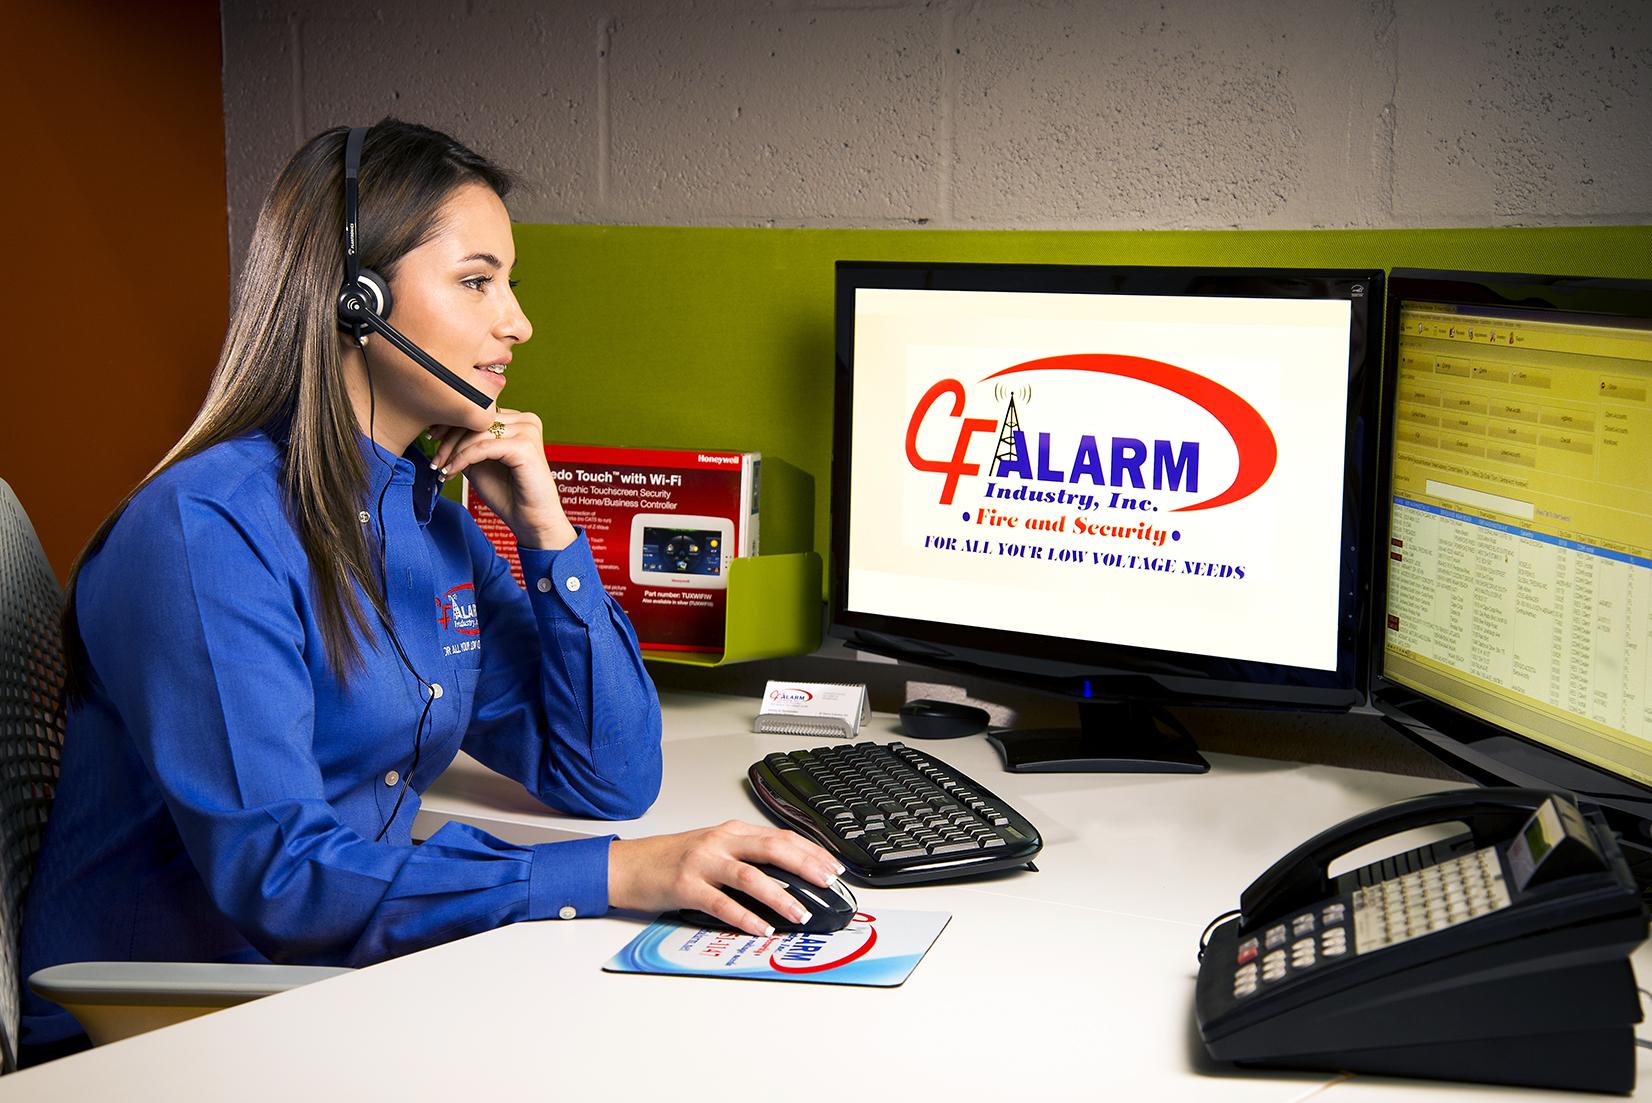 CF Alarm CS1 WEB.jpg